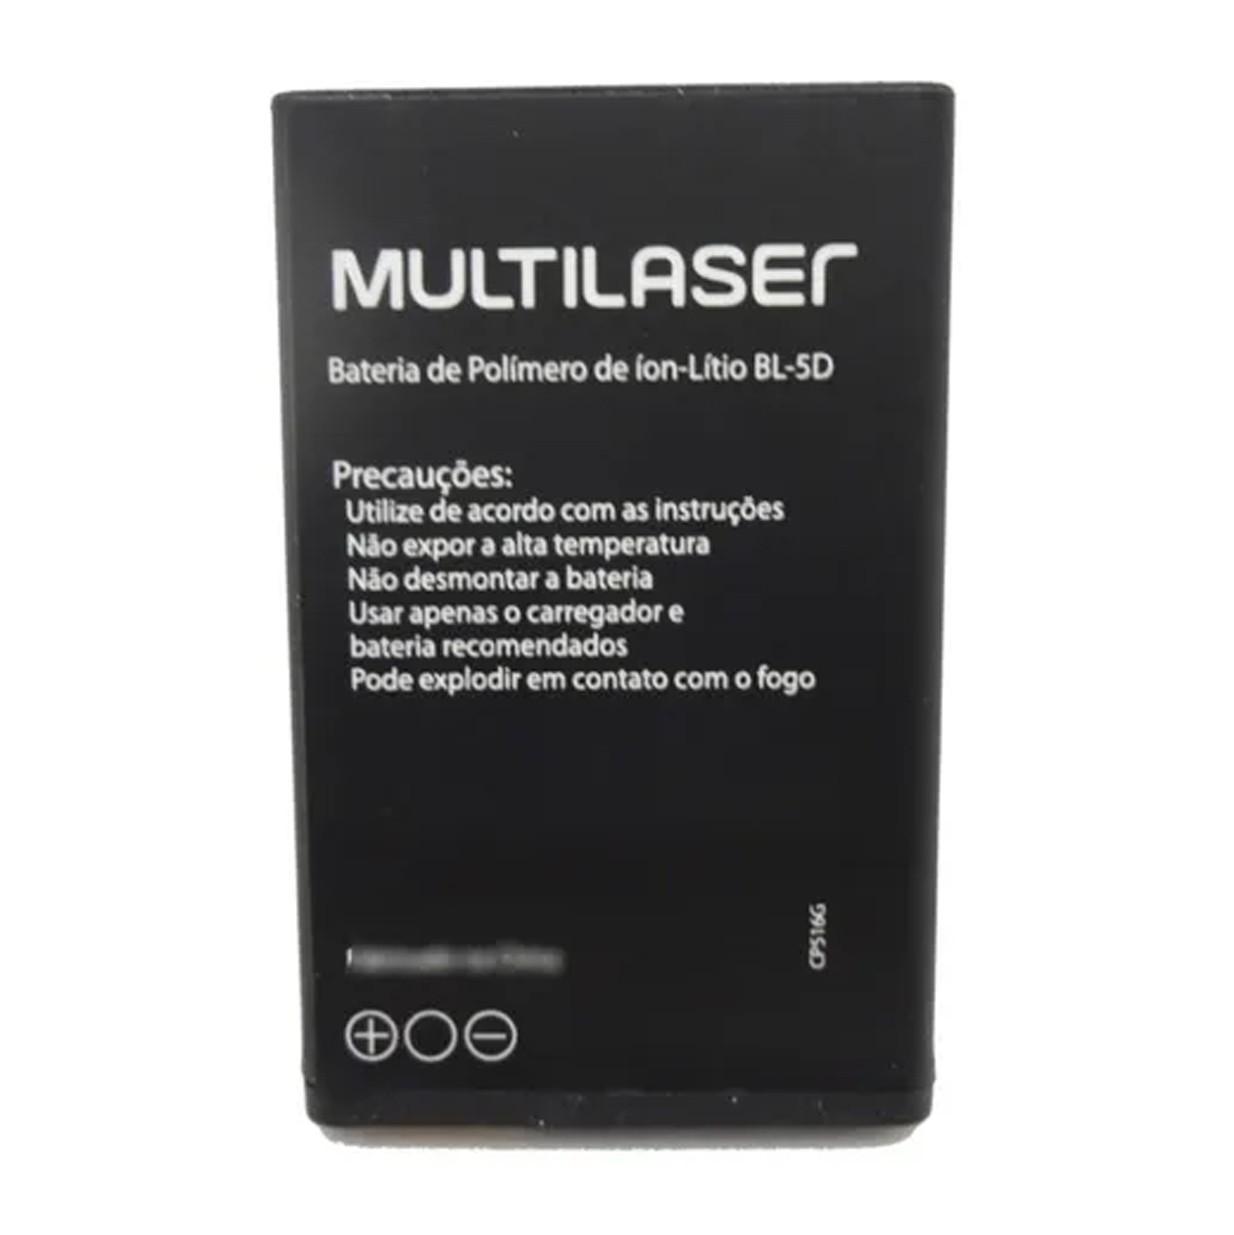 Bateria Multilaser Bl-5D para Celular Up 3G (P9017) - PR067